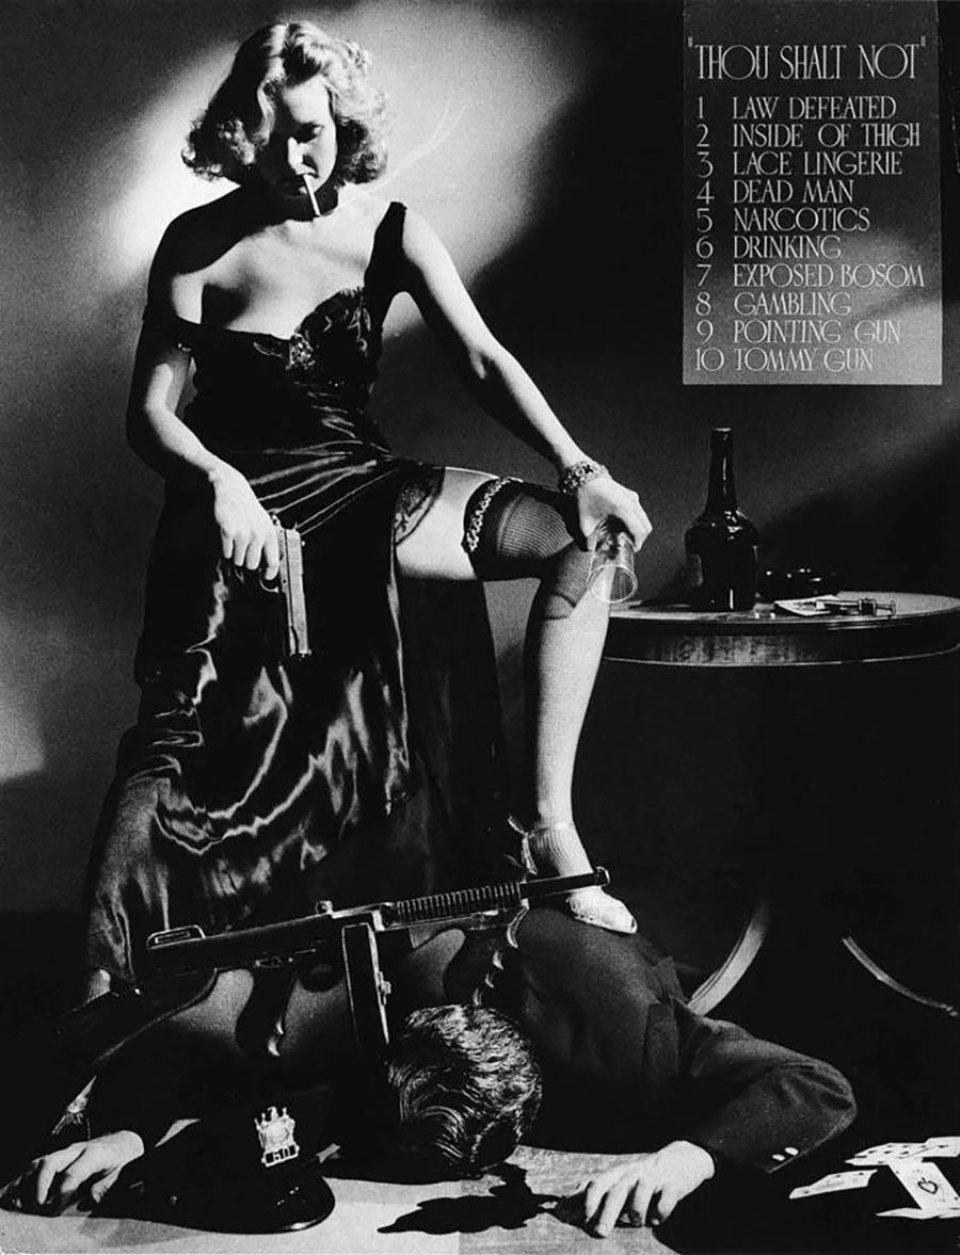 «Ти не повинен». Постер з такою назвою в 1941 році представив один із учасників конкурсу голлівудських фотографів. Він зображував 10 речей, заборонених Кодексом Хейса